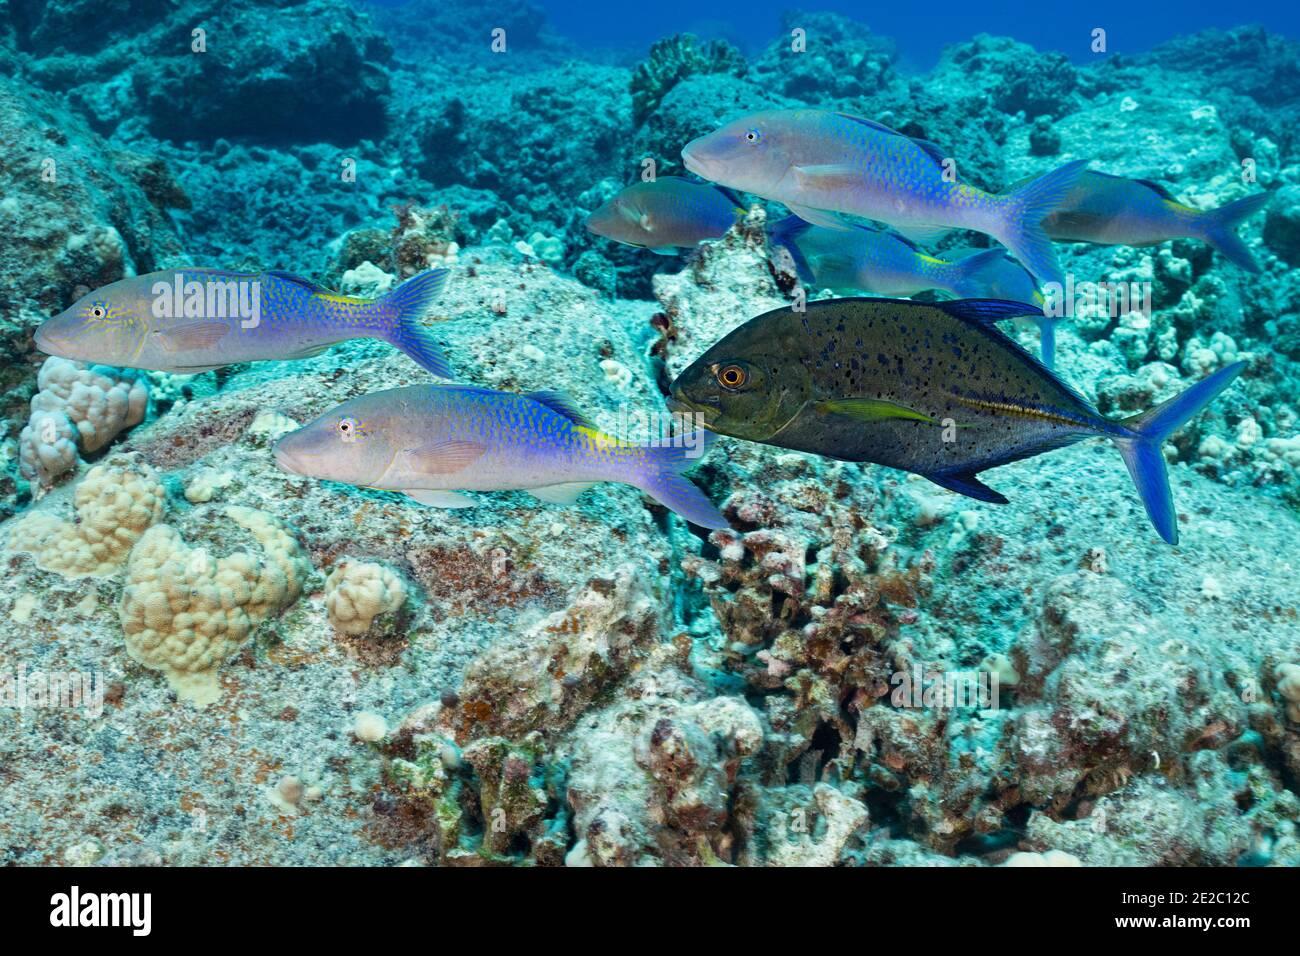 Jagd Koalition von blauen Ziegenfisch und Blaufe Jack; Jack hat eine dunkle Farbphase, die Aggression oder Territorialität zeigen kann angenommen; Kona, Hawaii Stockfoto